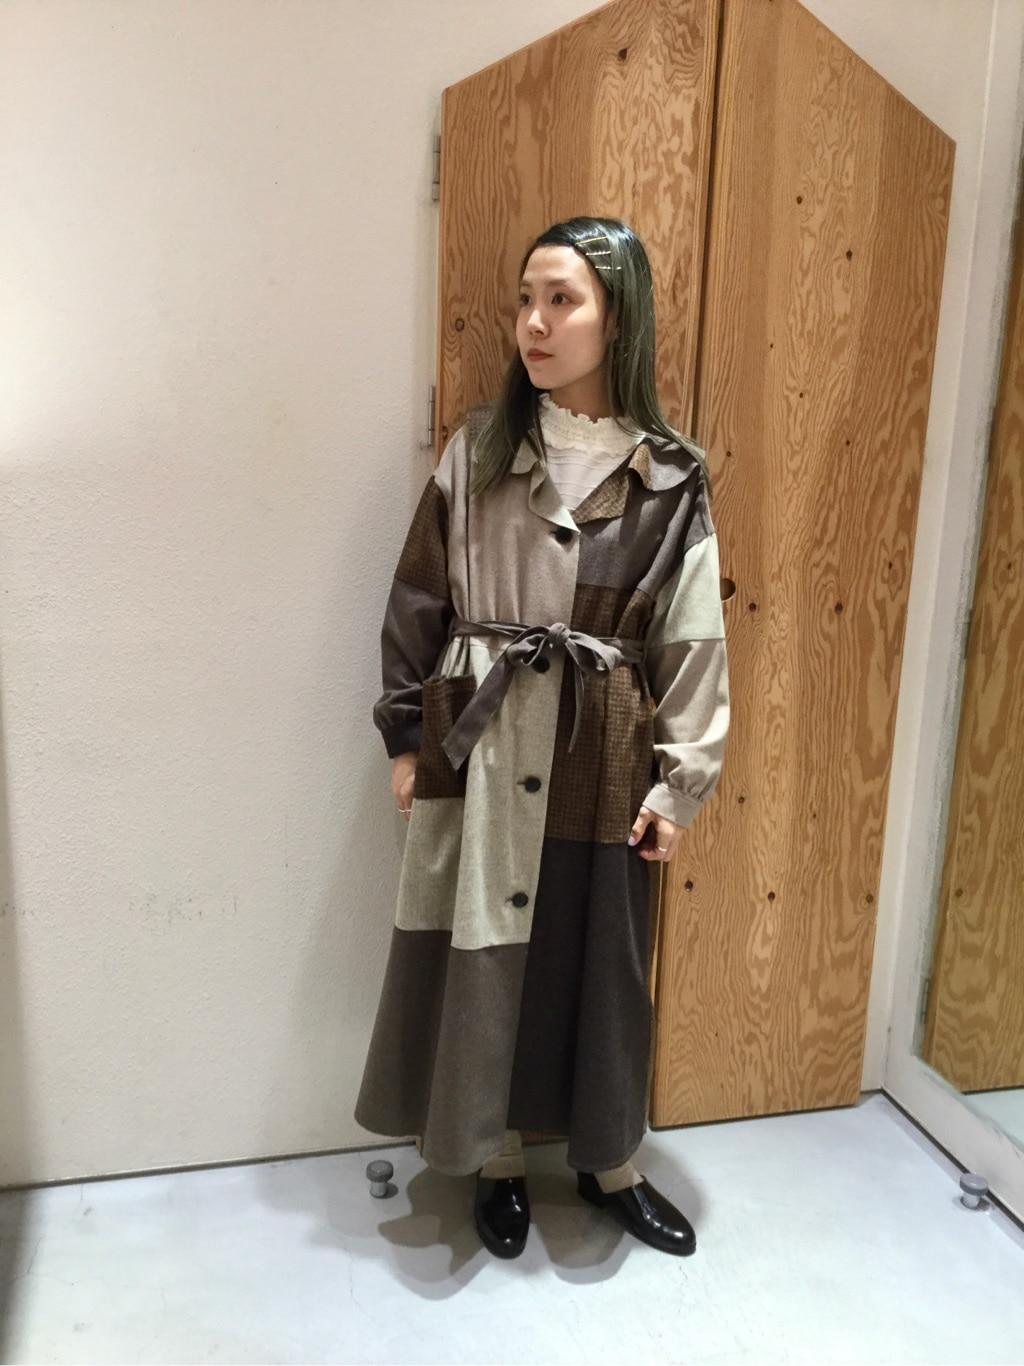 l'atelier du savon グランフロント大阪 身長:155cm 2019.10.29